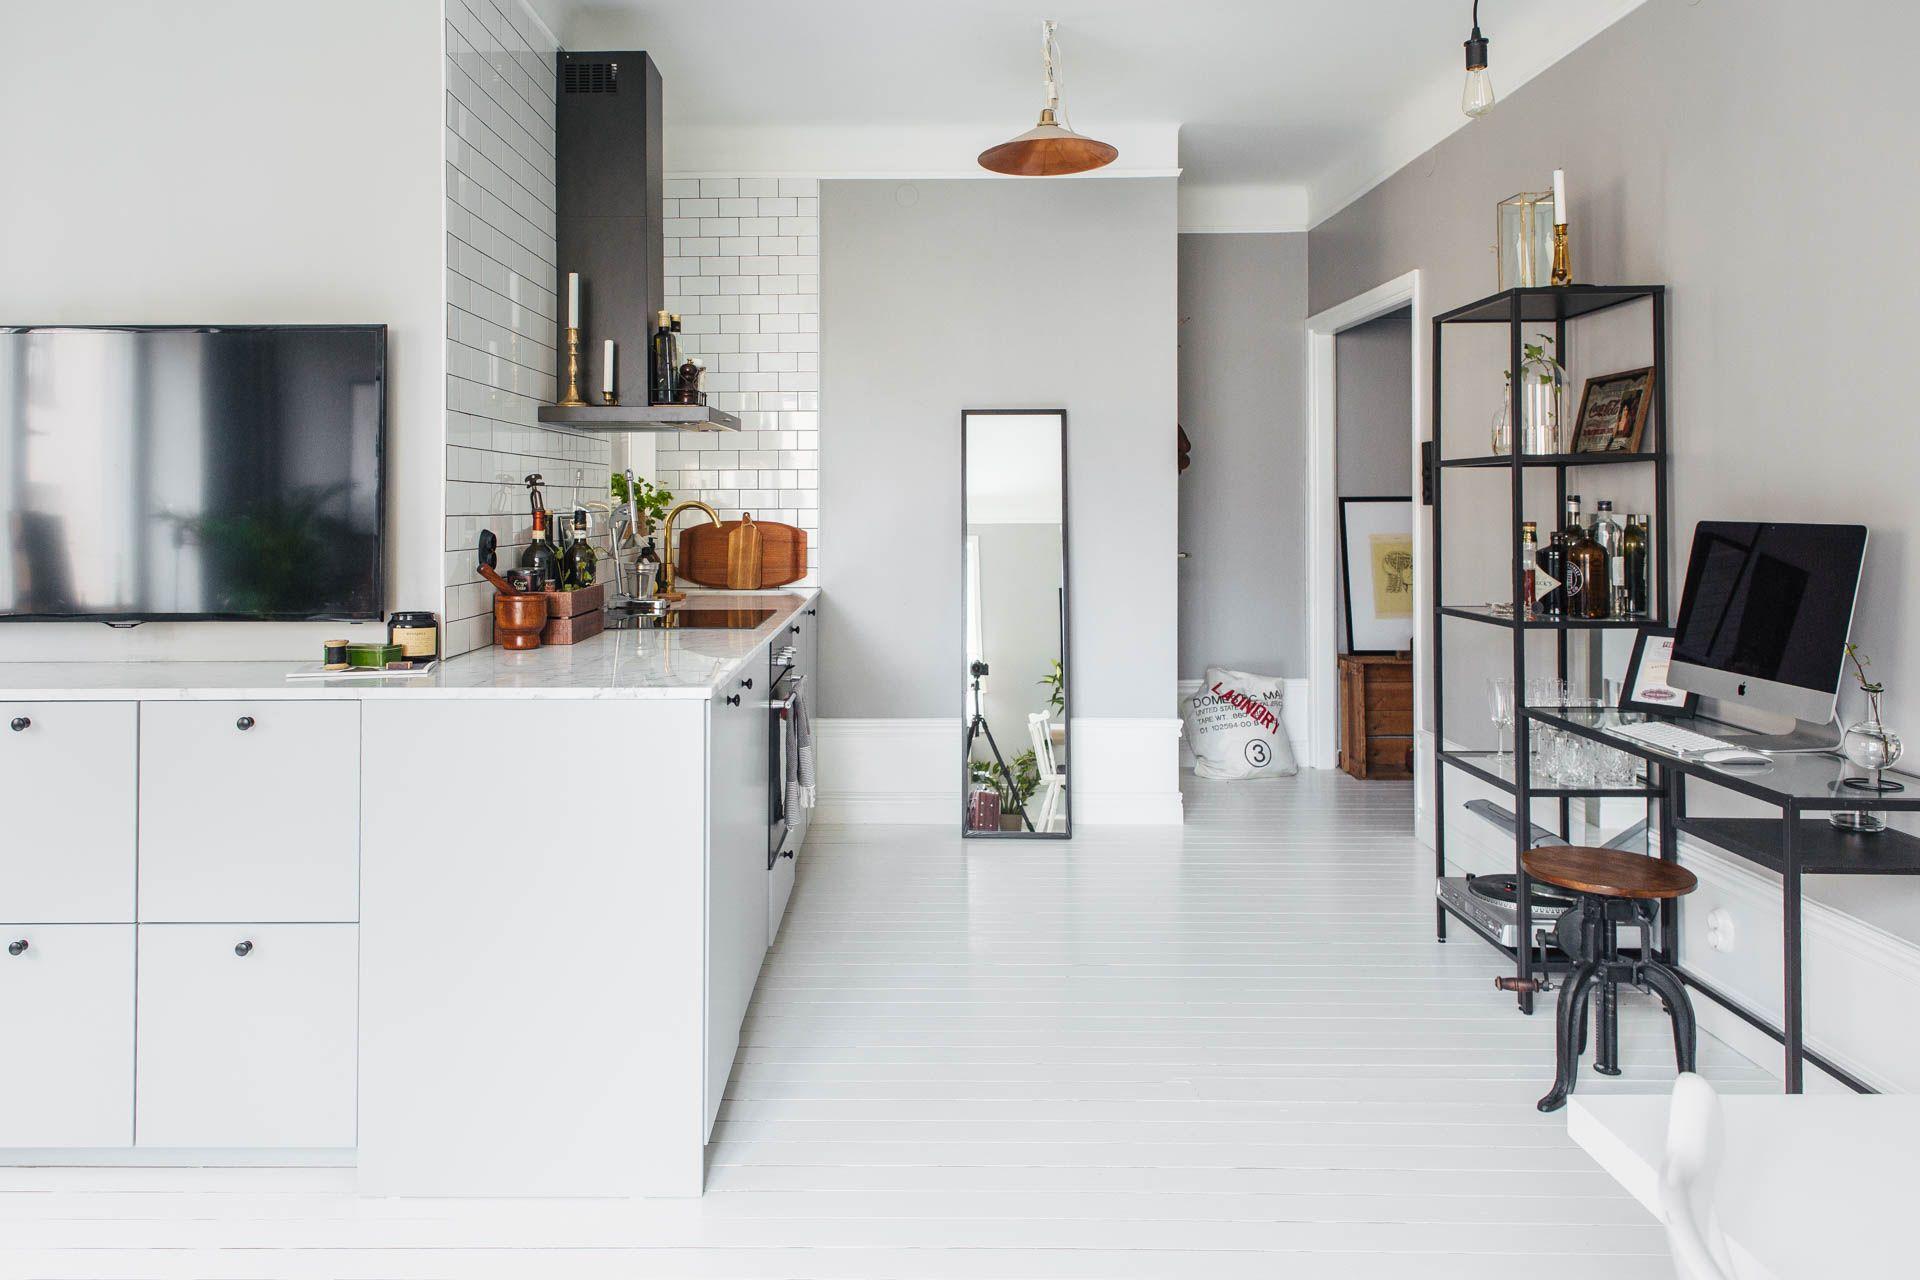 Keuken-tv-meubel-combinatie in een kleine L-vormige woonkamer ...